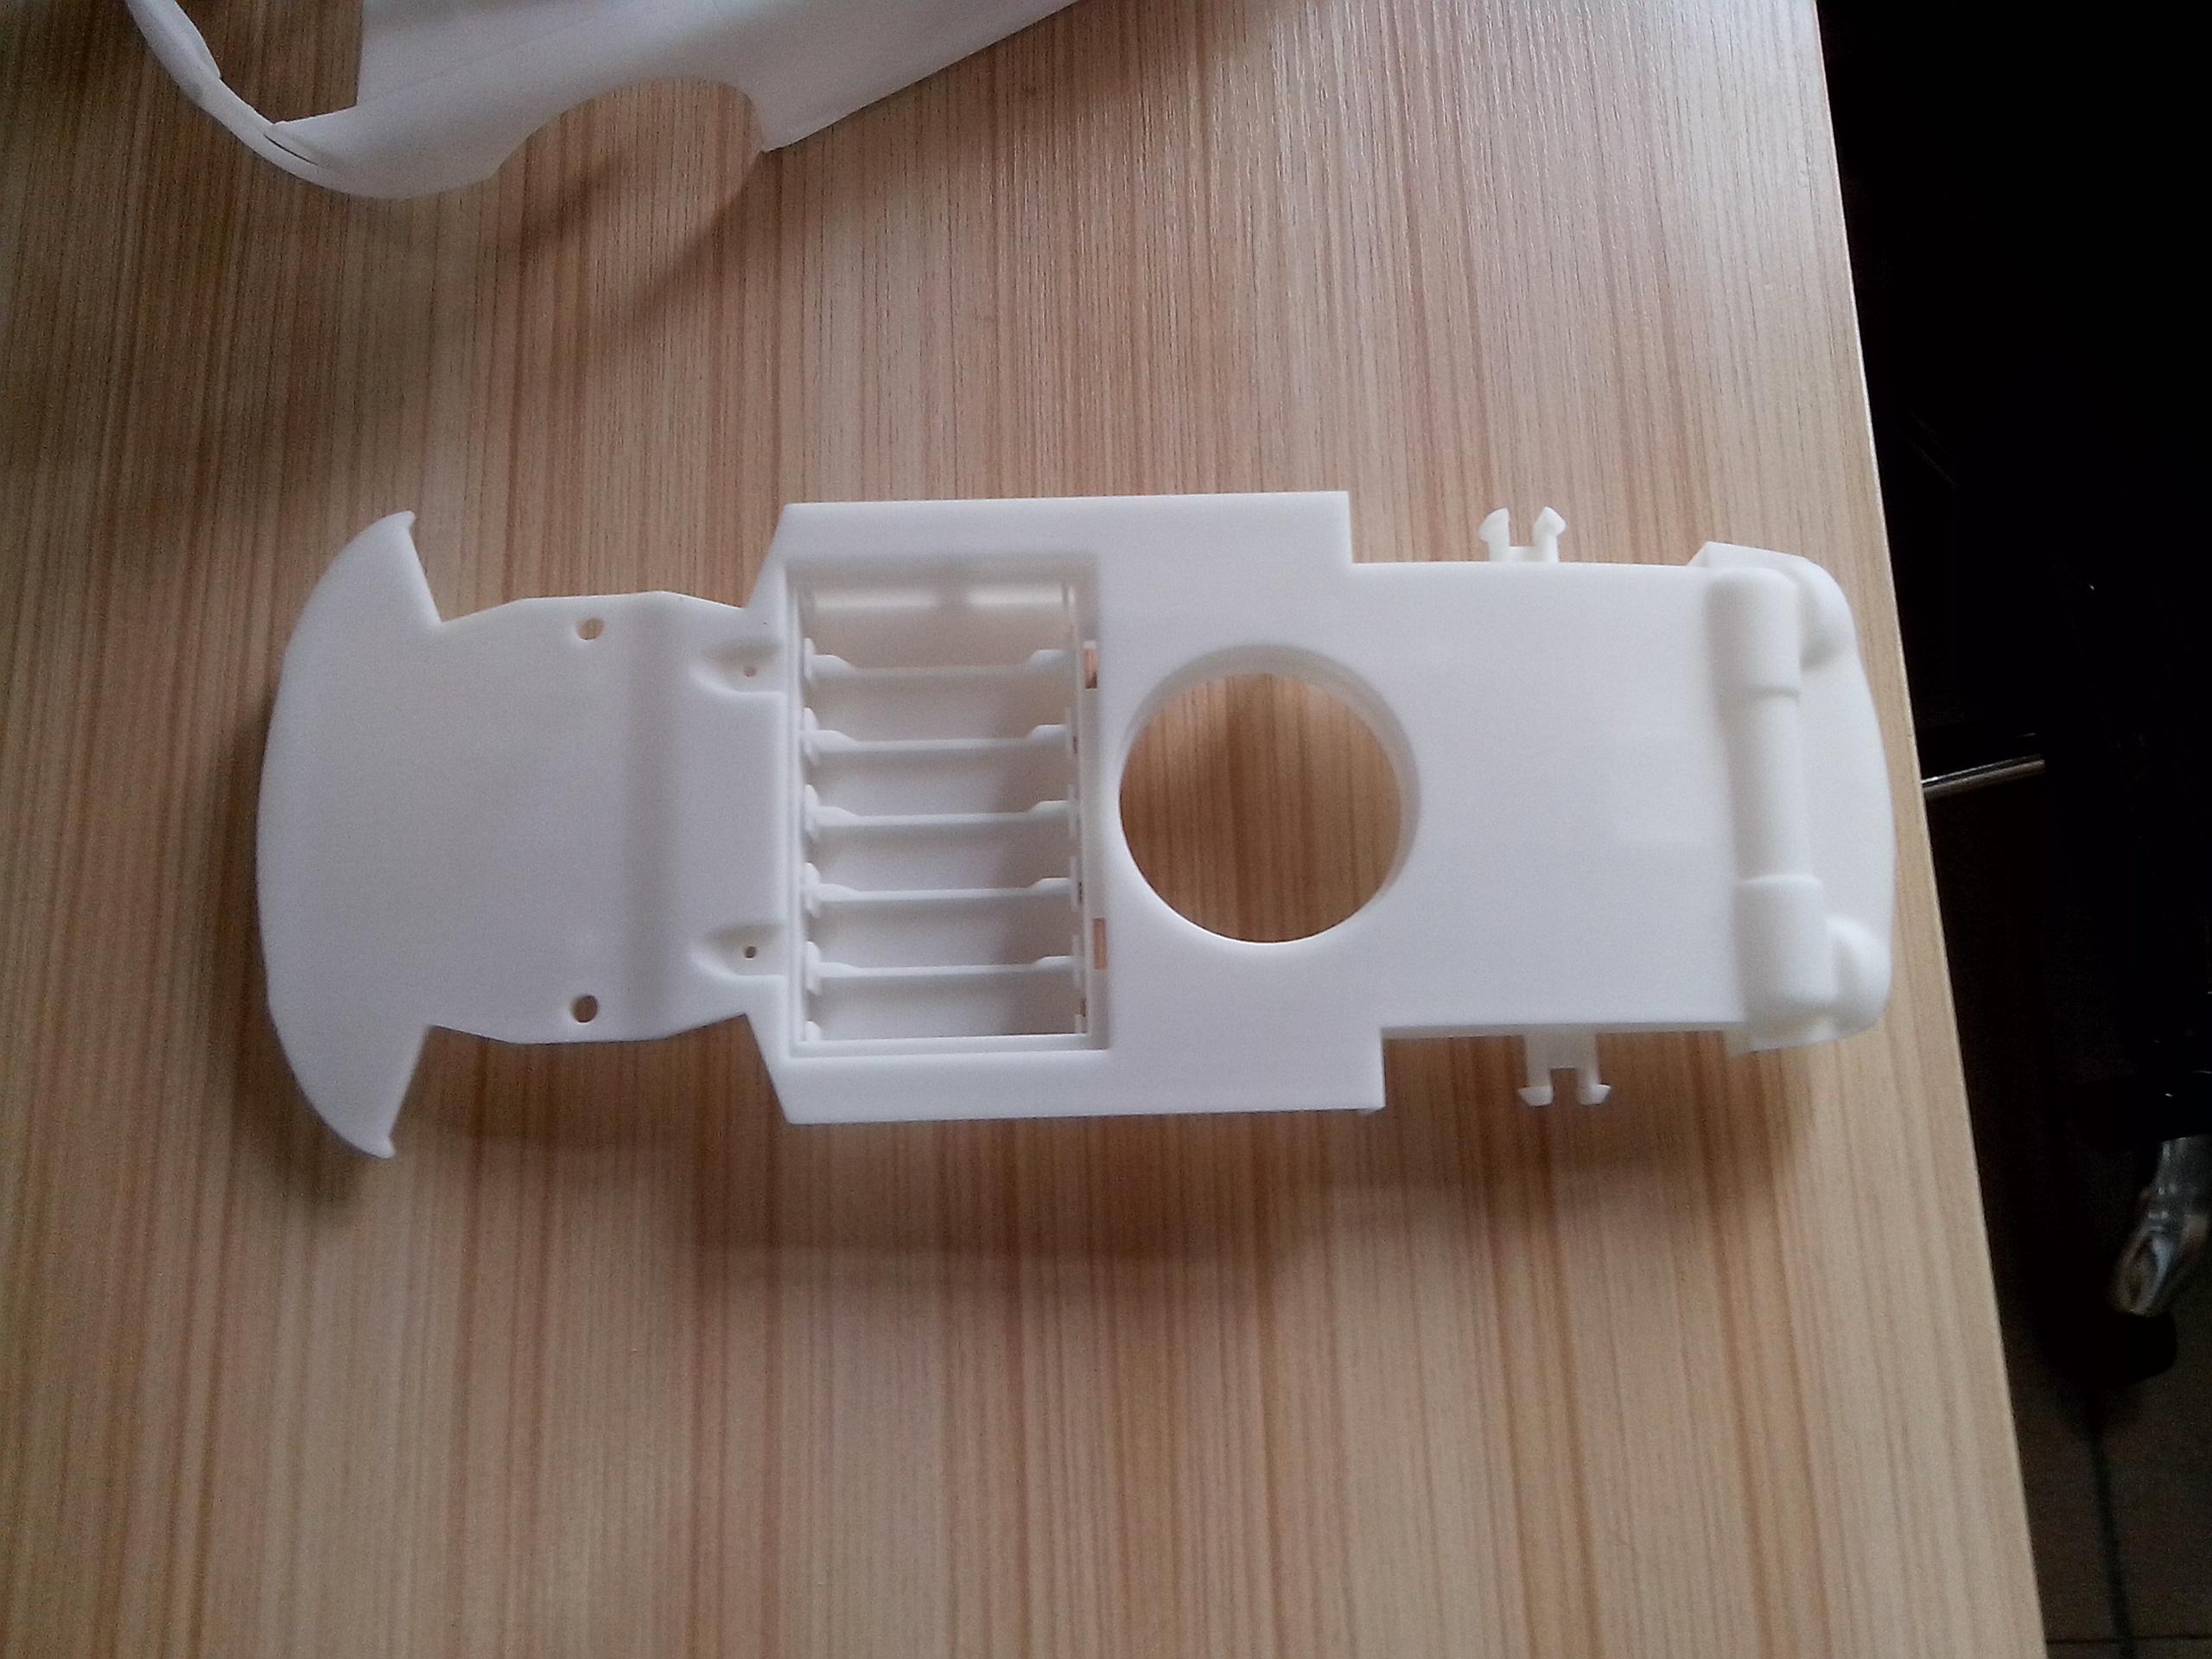 上海3d打印外壳手板模型塑料模具定制加工手办打样3D抄数